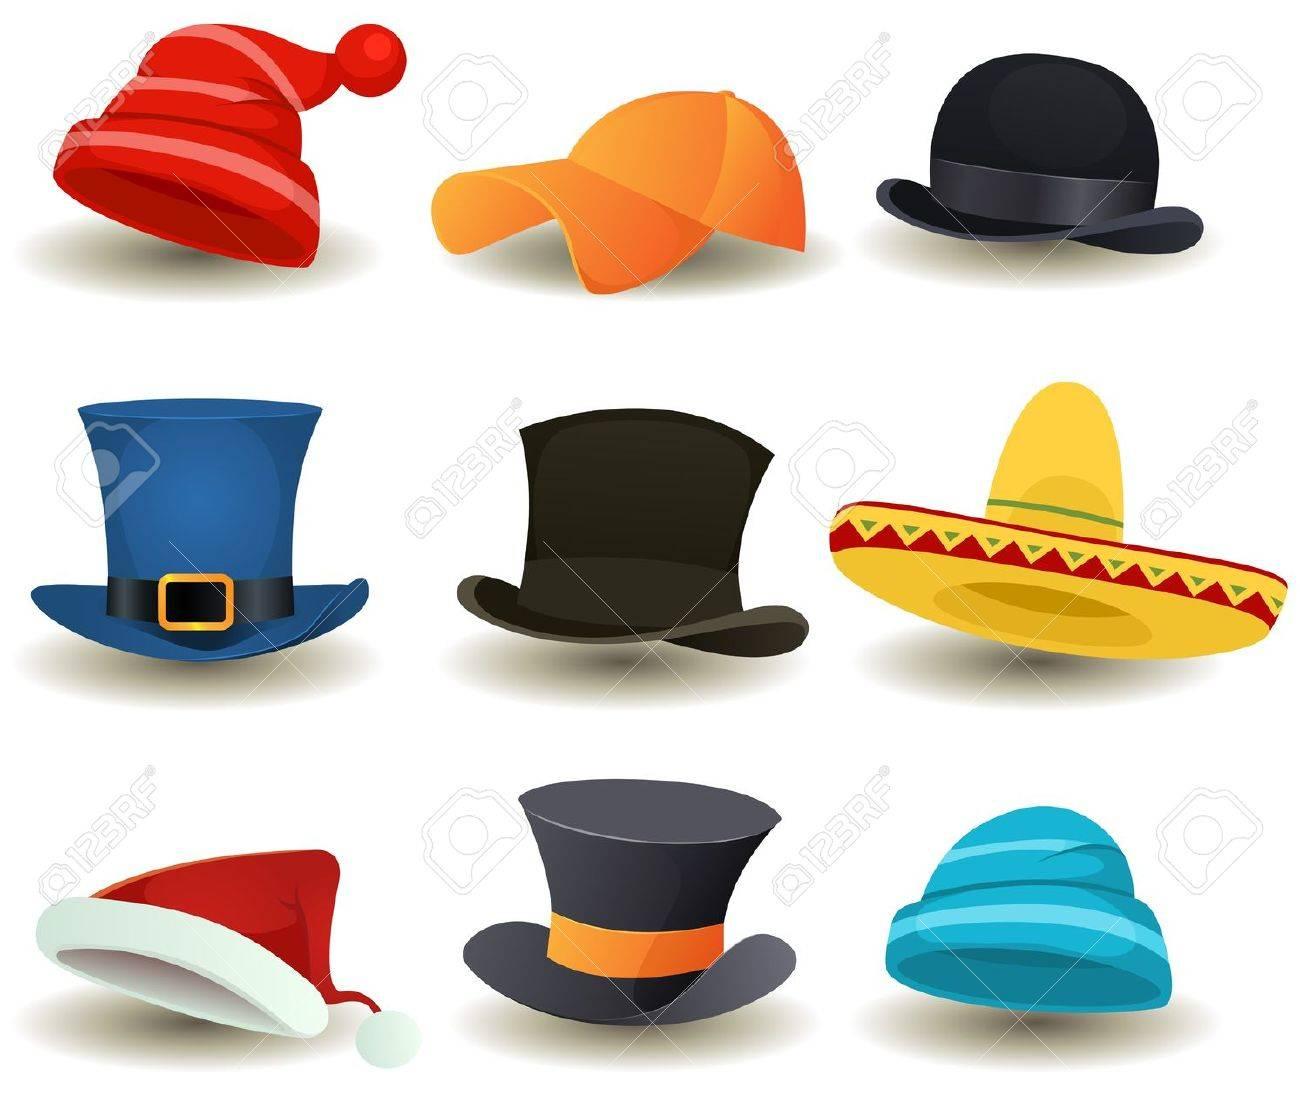 Foto de archivo - Ilustración de un conjunto de dibujos animados o superior  sombreros derby 146b223d879